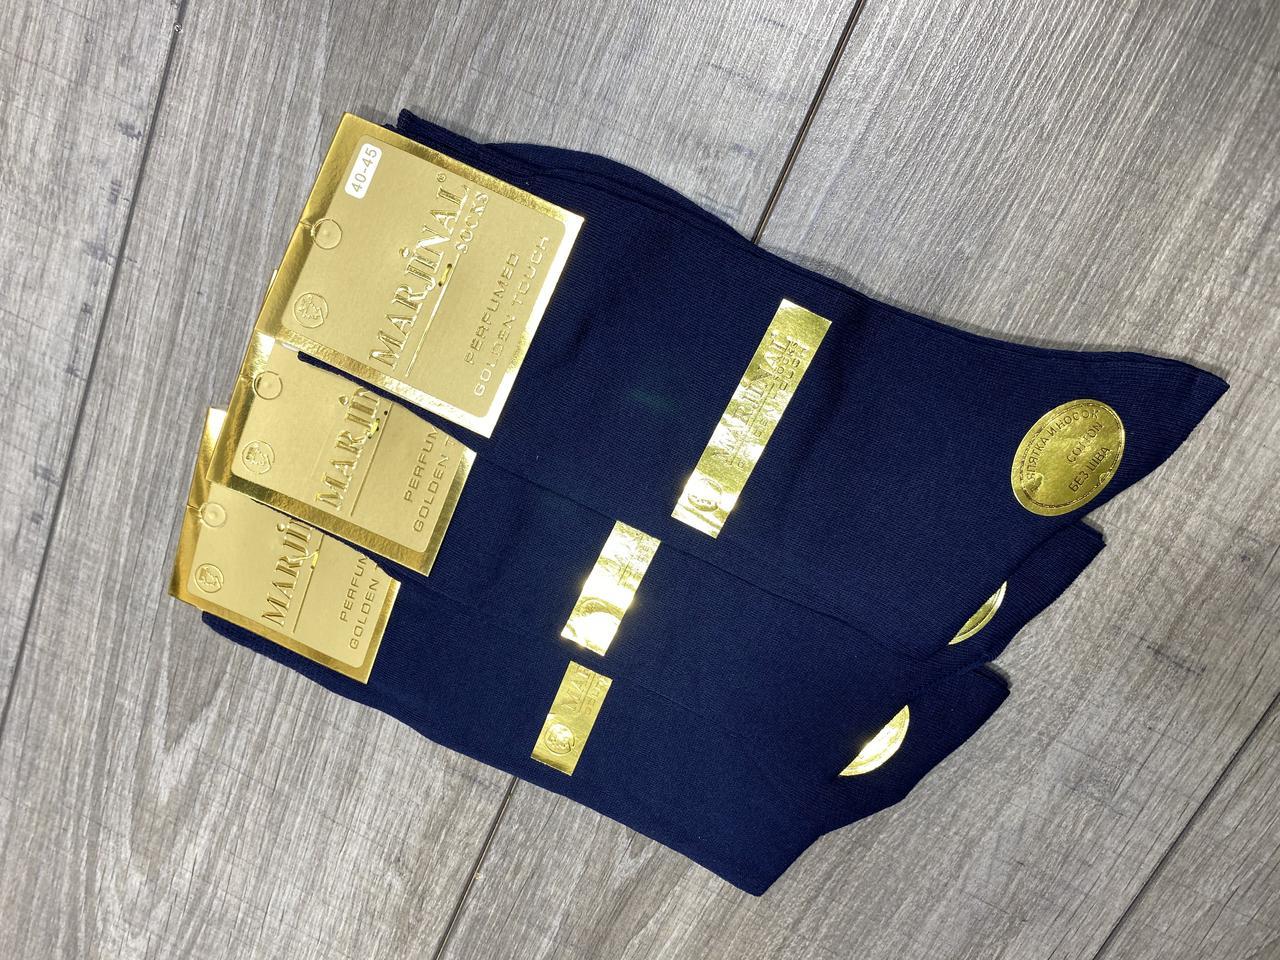 Чоловічі демісезонні шкарпетки Marjinal сині однотонні бавовна високі розмір 40-45 6 шт в уп